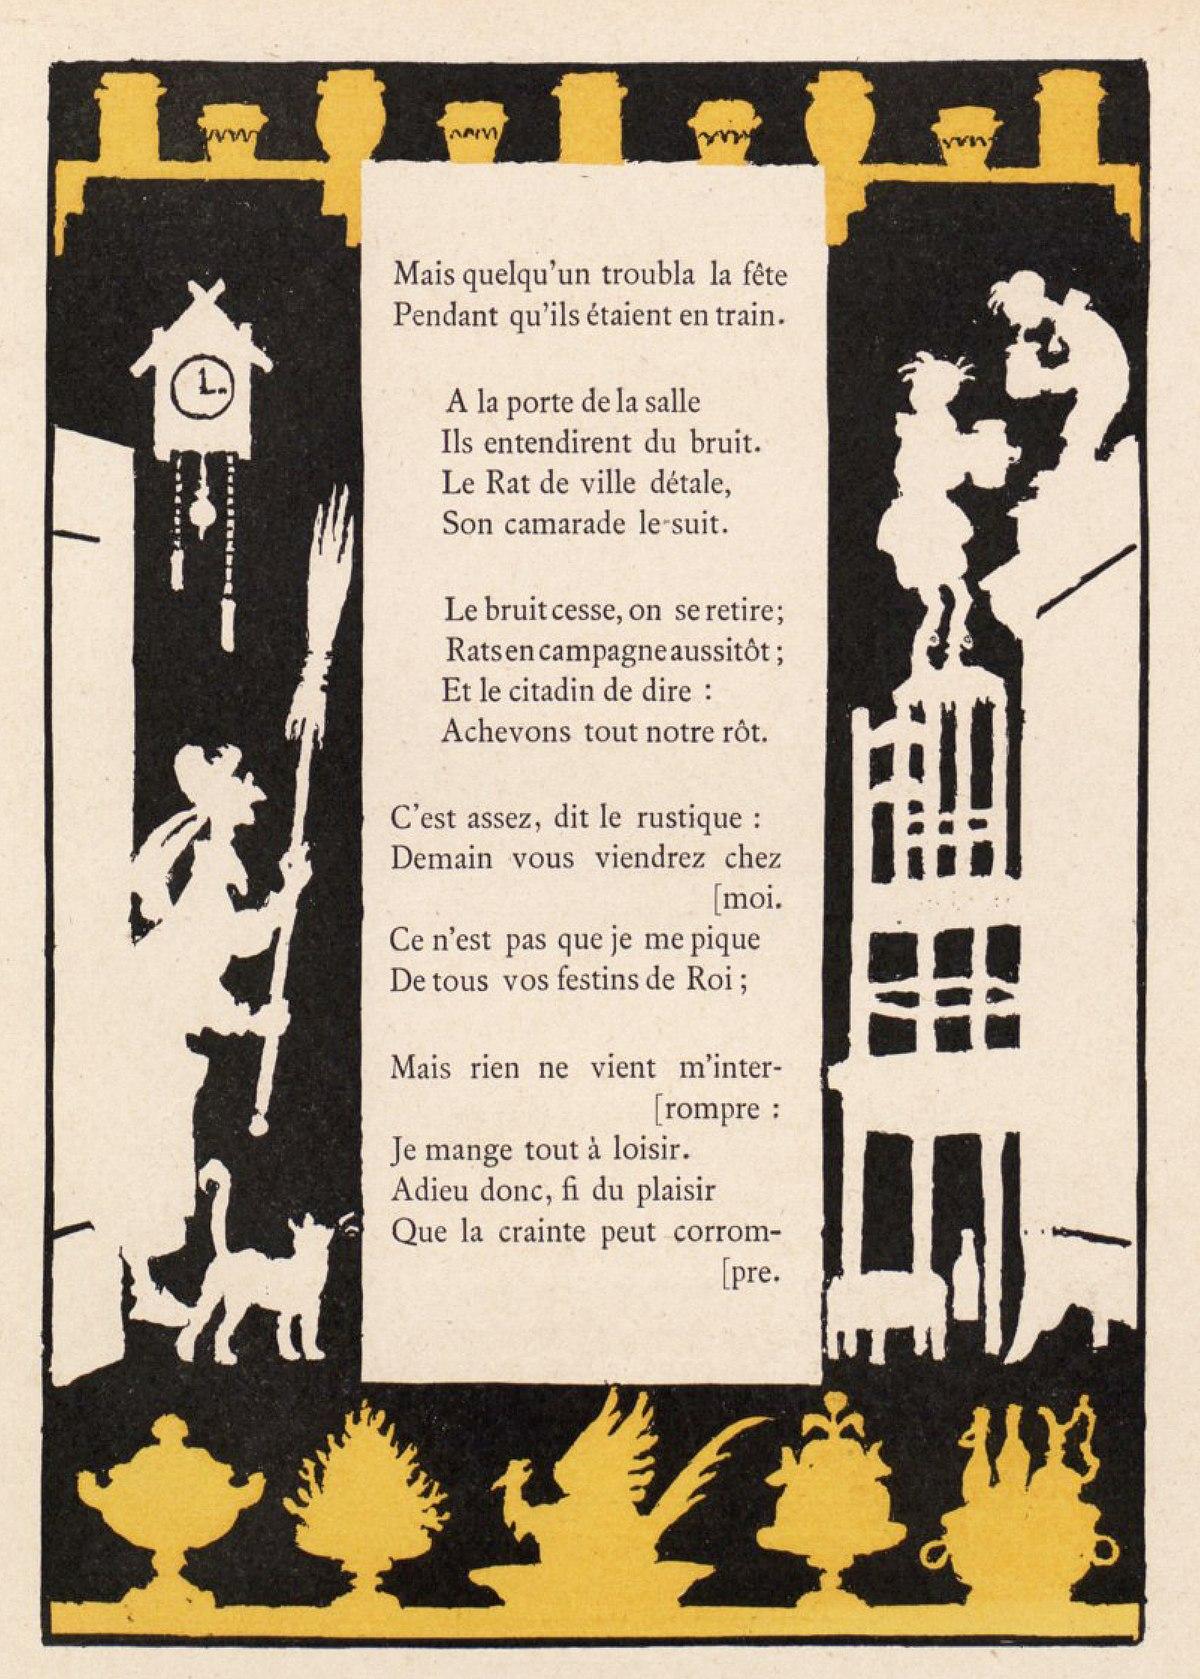 Le Rat Des Villes Et Le Rat Des Champs Morale : villes, champs, morale, File:Avelot, Fables, Fontaine, Ville, Champs, 2.jpg, Wikimedia, Commons